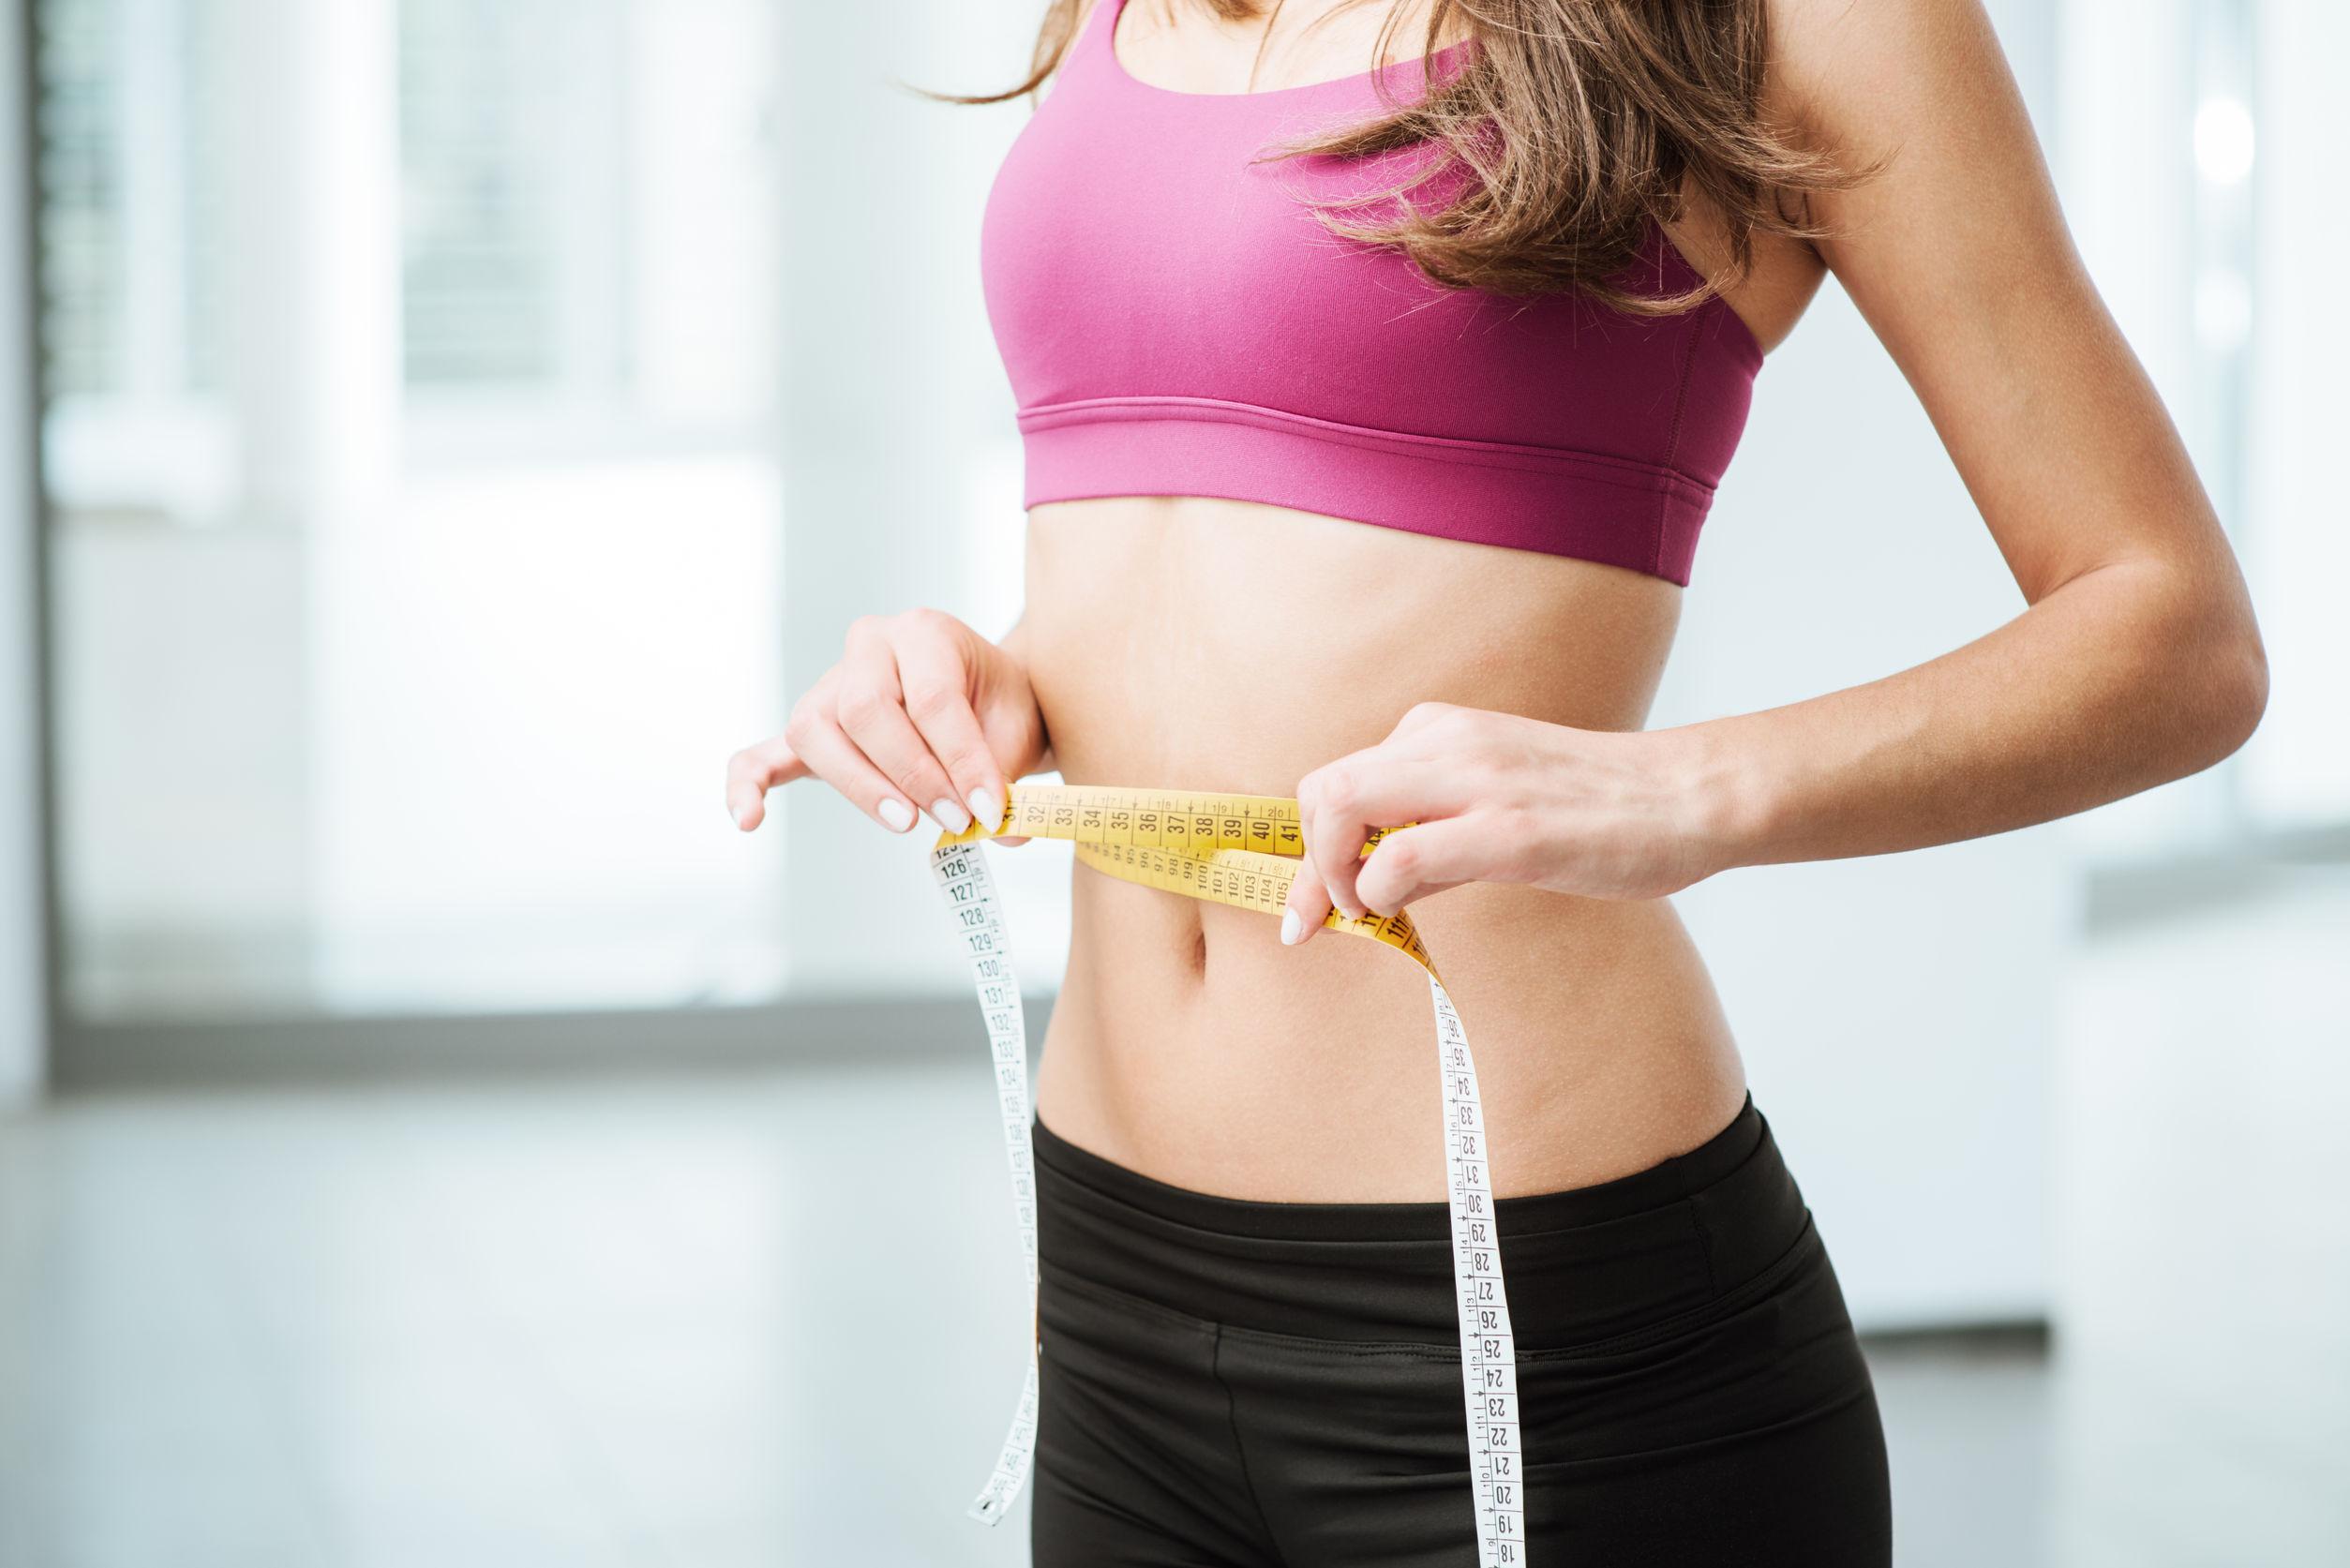 Imagem de uma mulher medindo a circunferência da barriga.